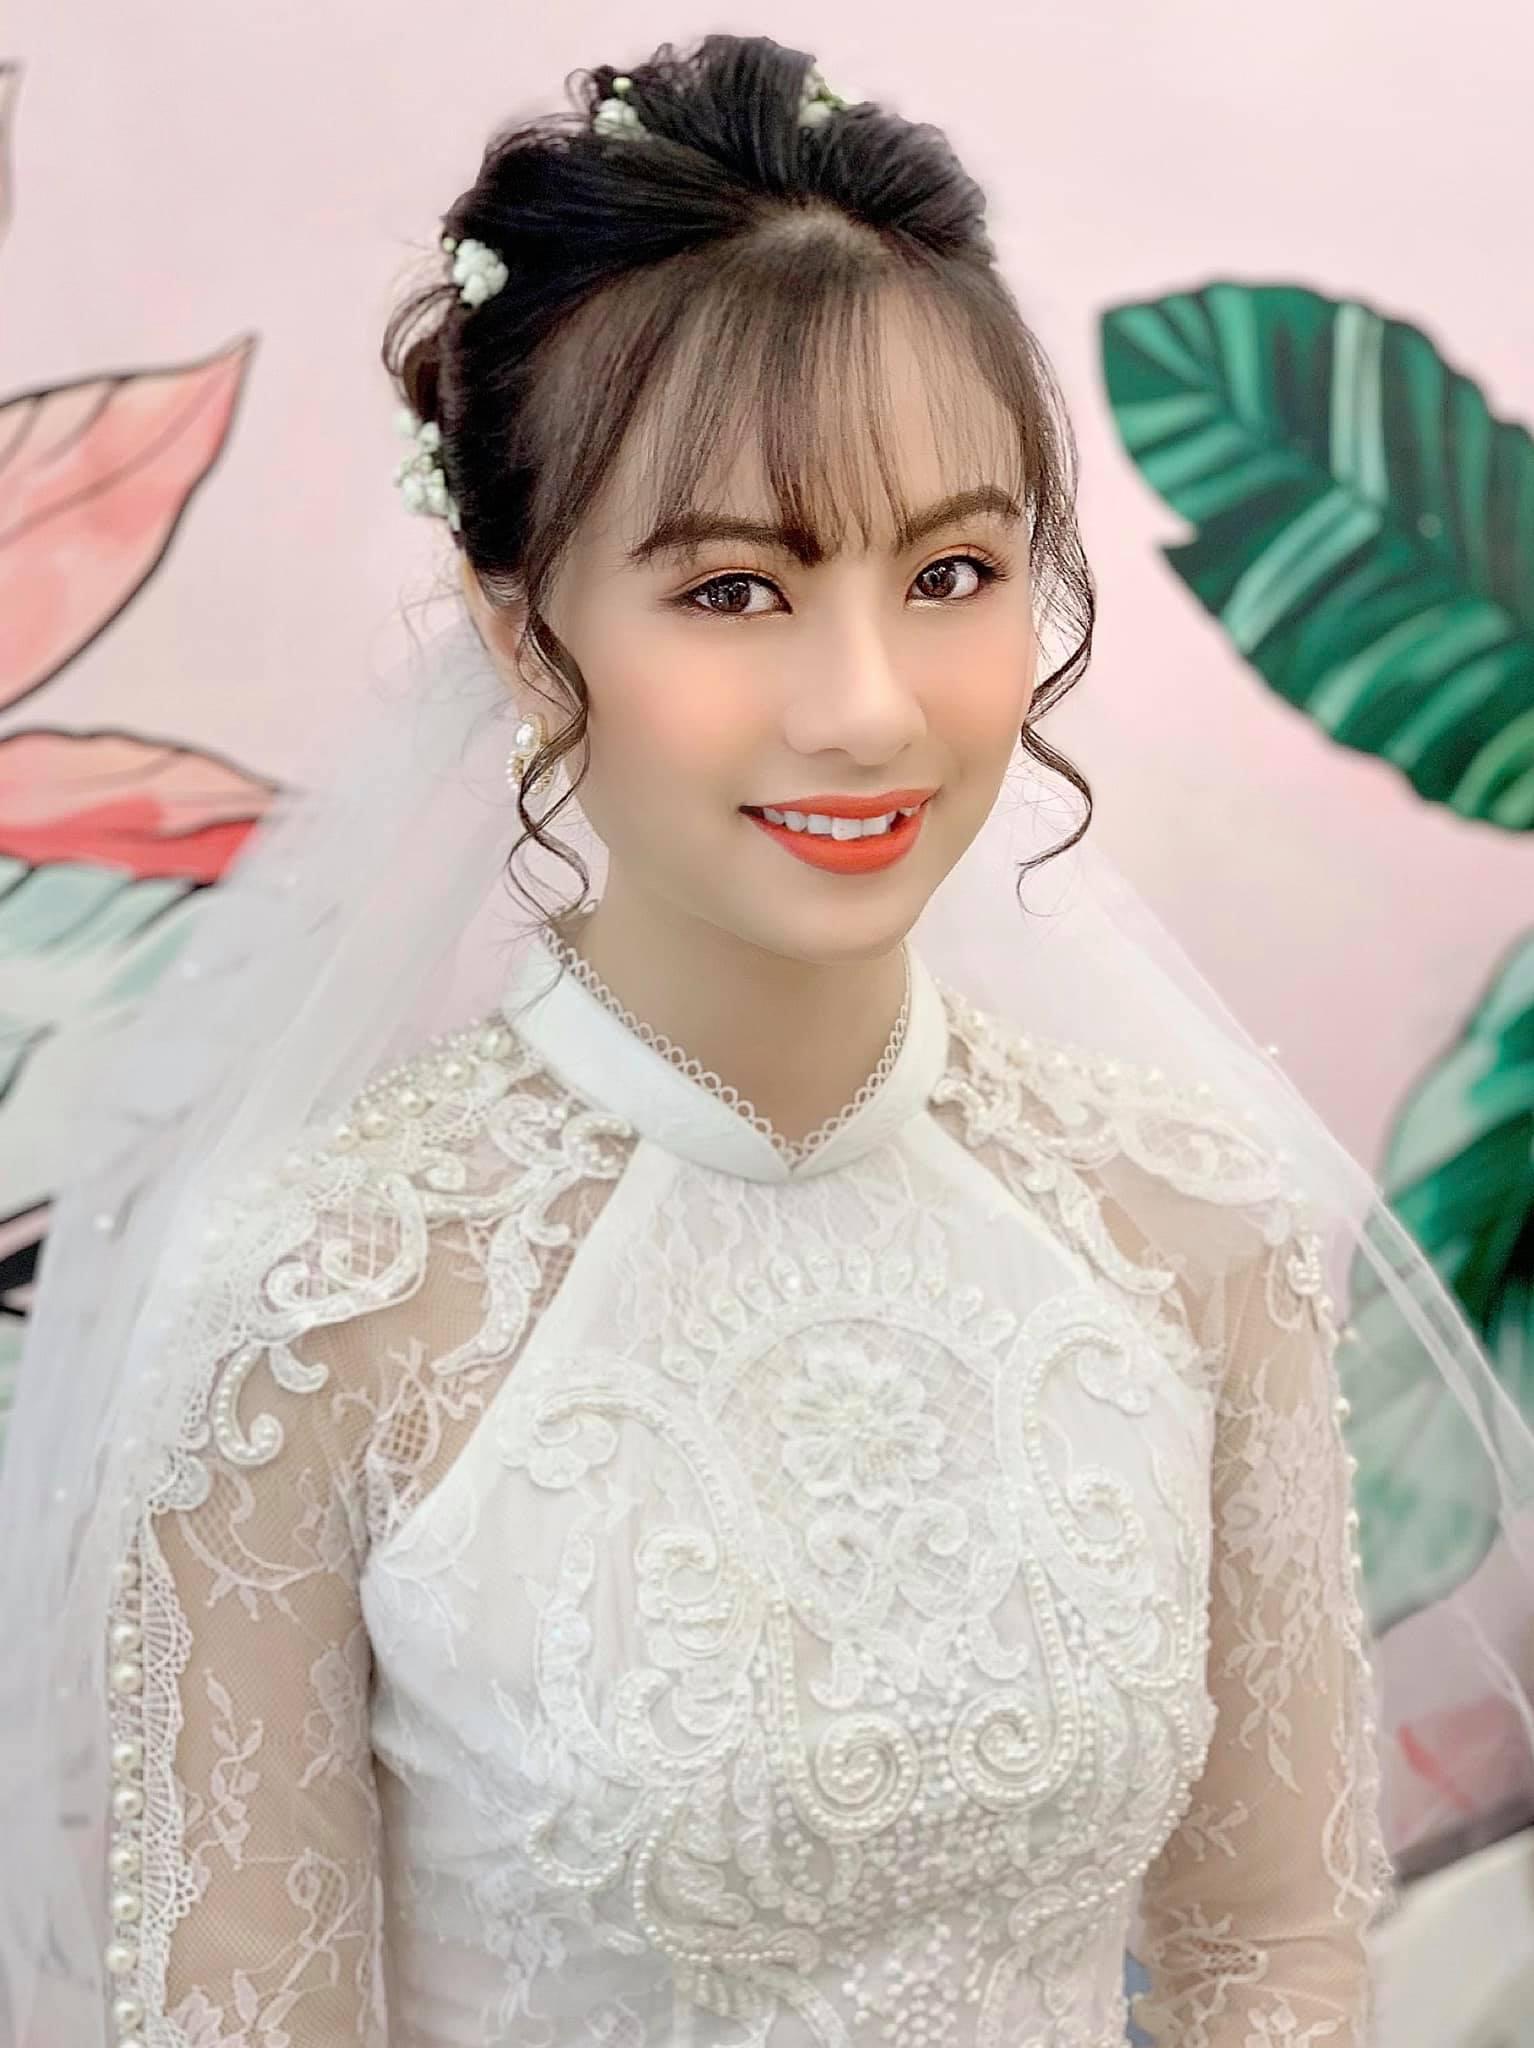 Top 7 tiệm trang điểm cô dâu đẹp nhất tại Hà Nội -  Linh Killdy Makeup Store (Nguyễn Thuỳ Linh)